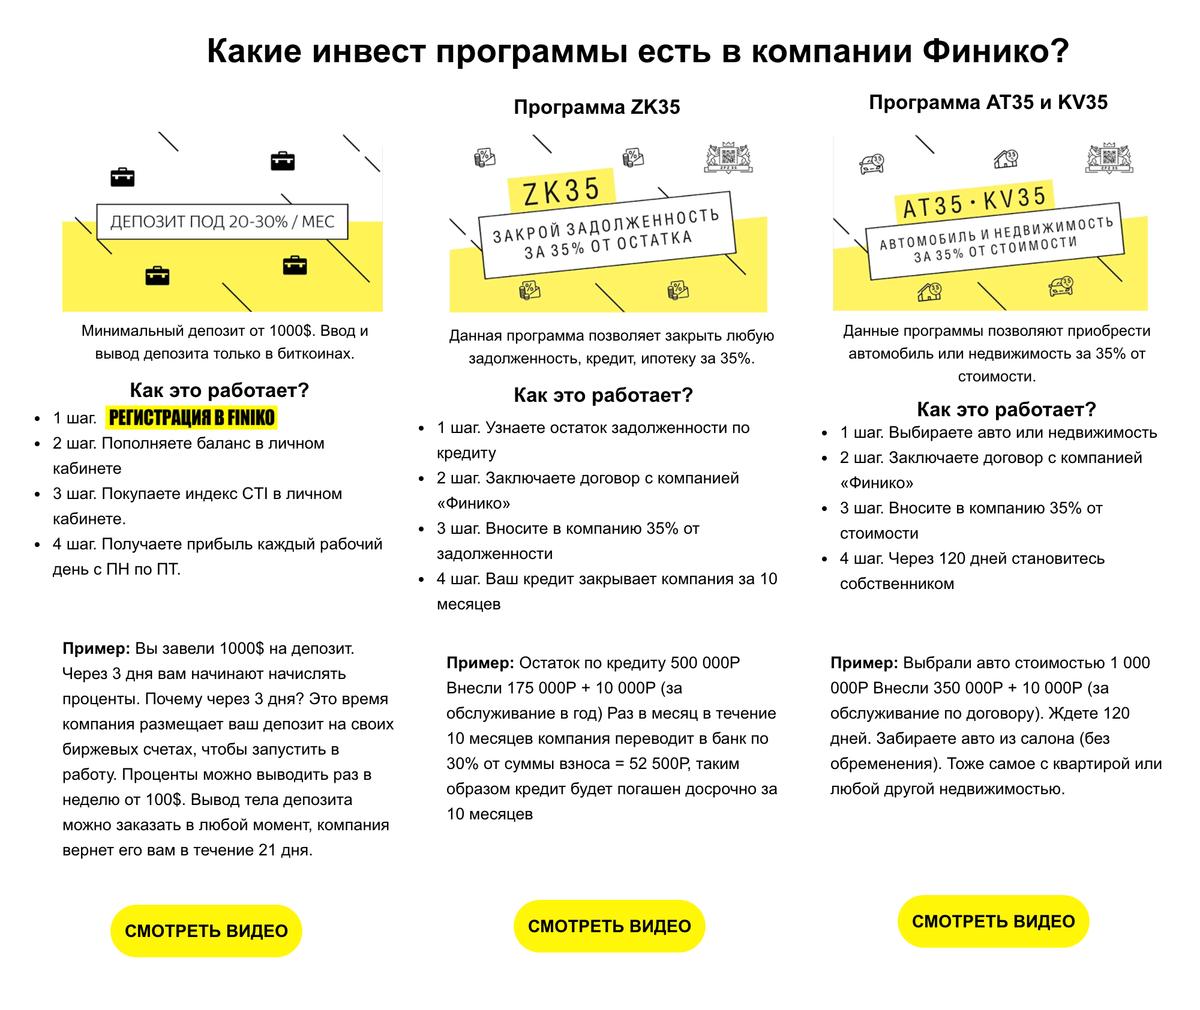 На сайте finiko.life компания описывает свои продукты какинвестиционные программы и пошагово рассказывает об ихработе, новыглядит все этонереалистично